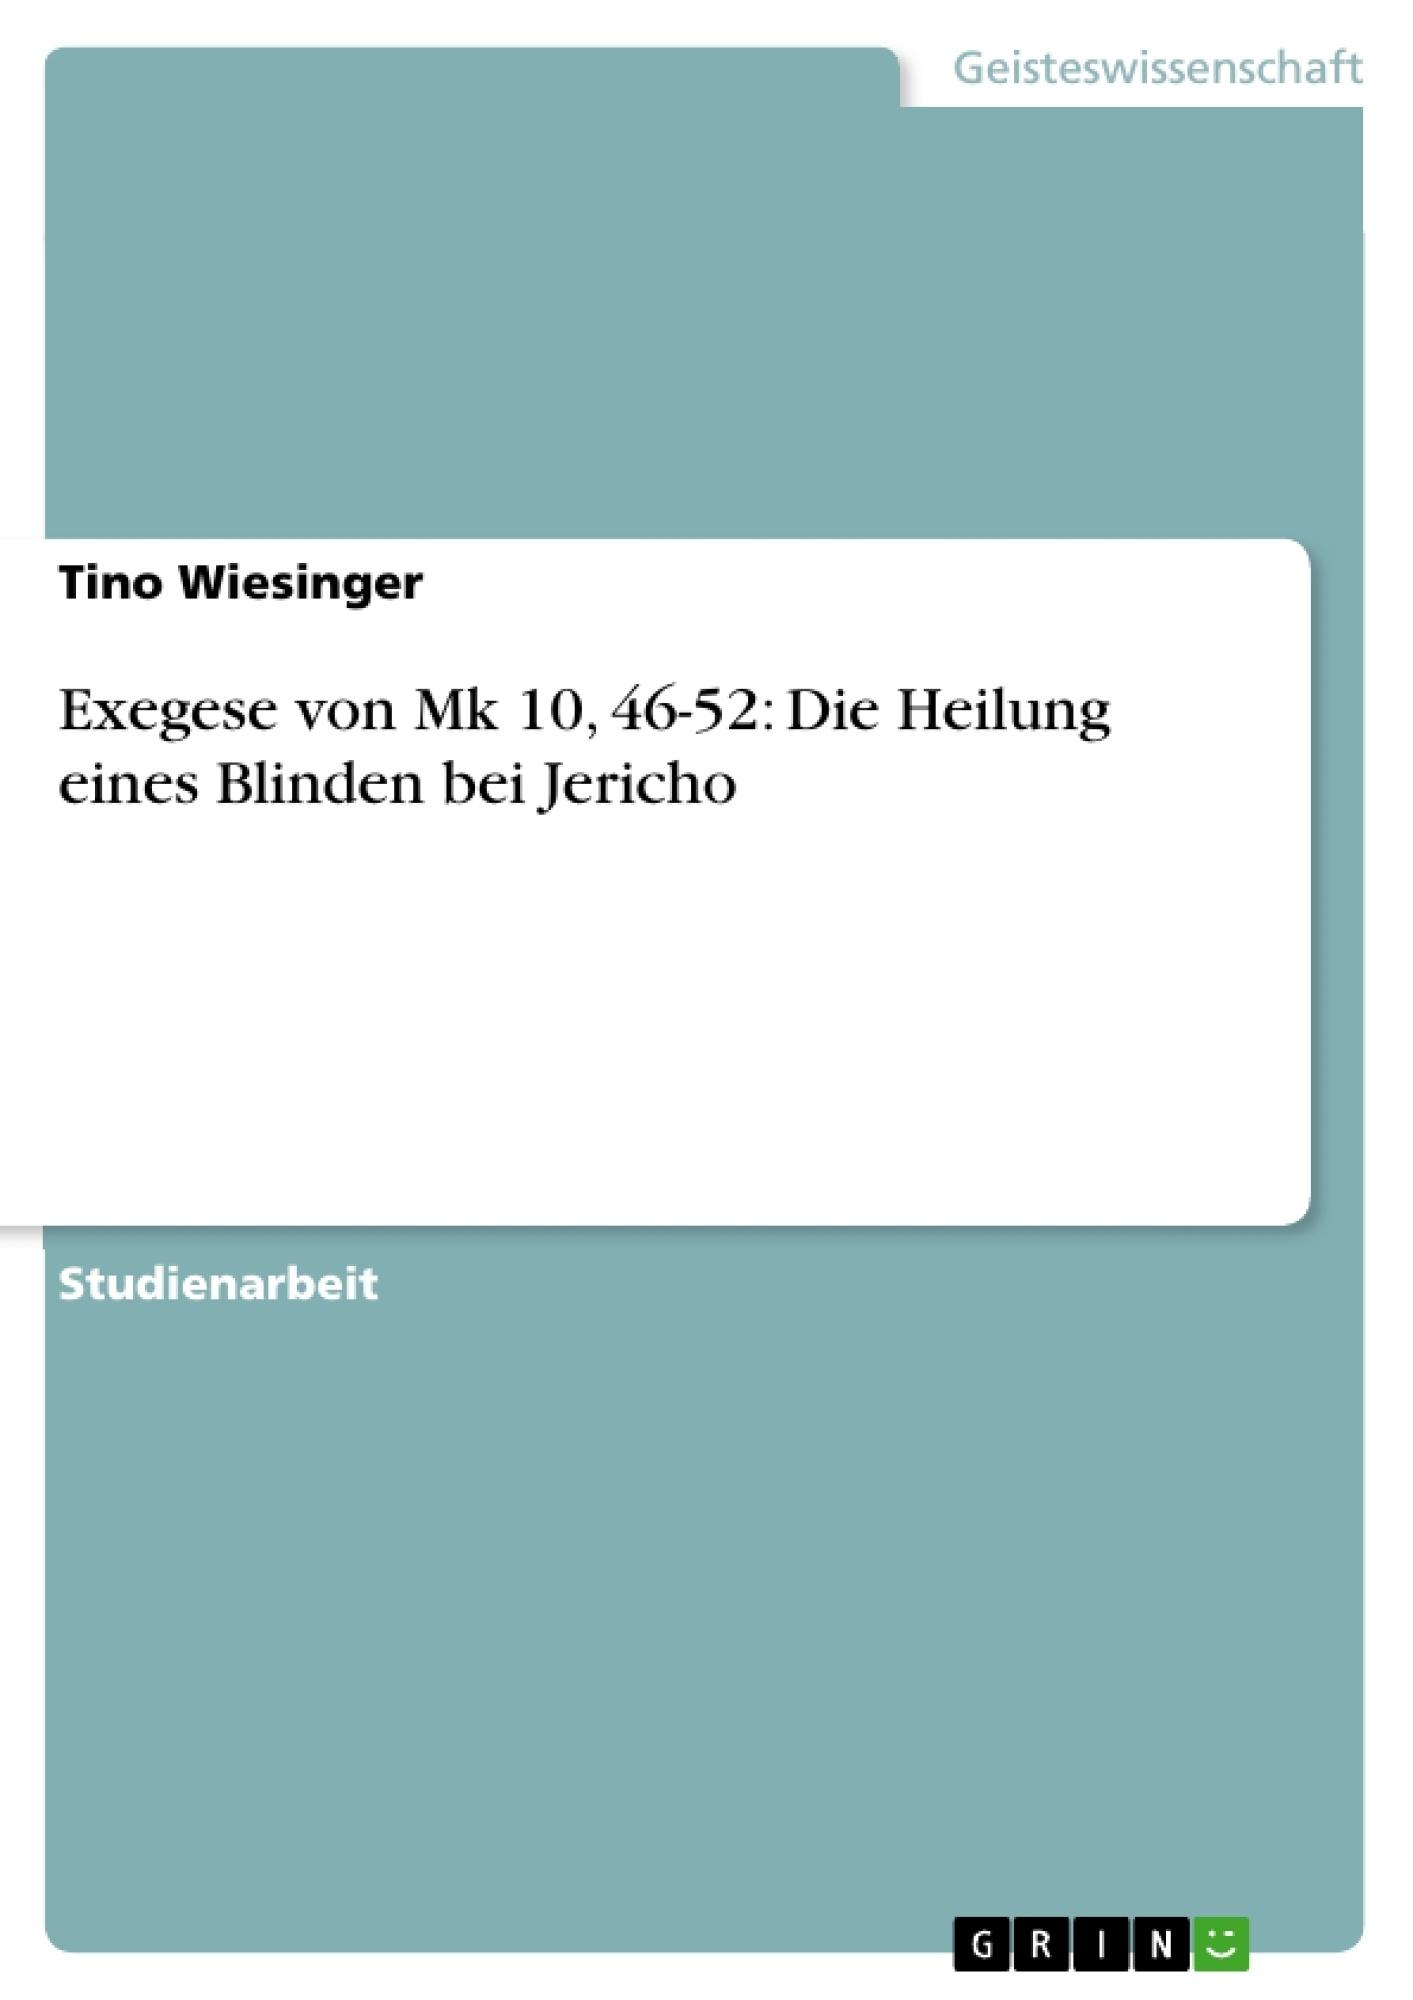 Titel: Exegese von Mk 10, 46-52: Die Heilung eines Blinden bei Jericho